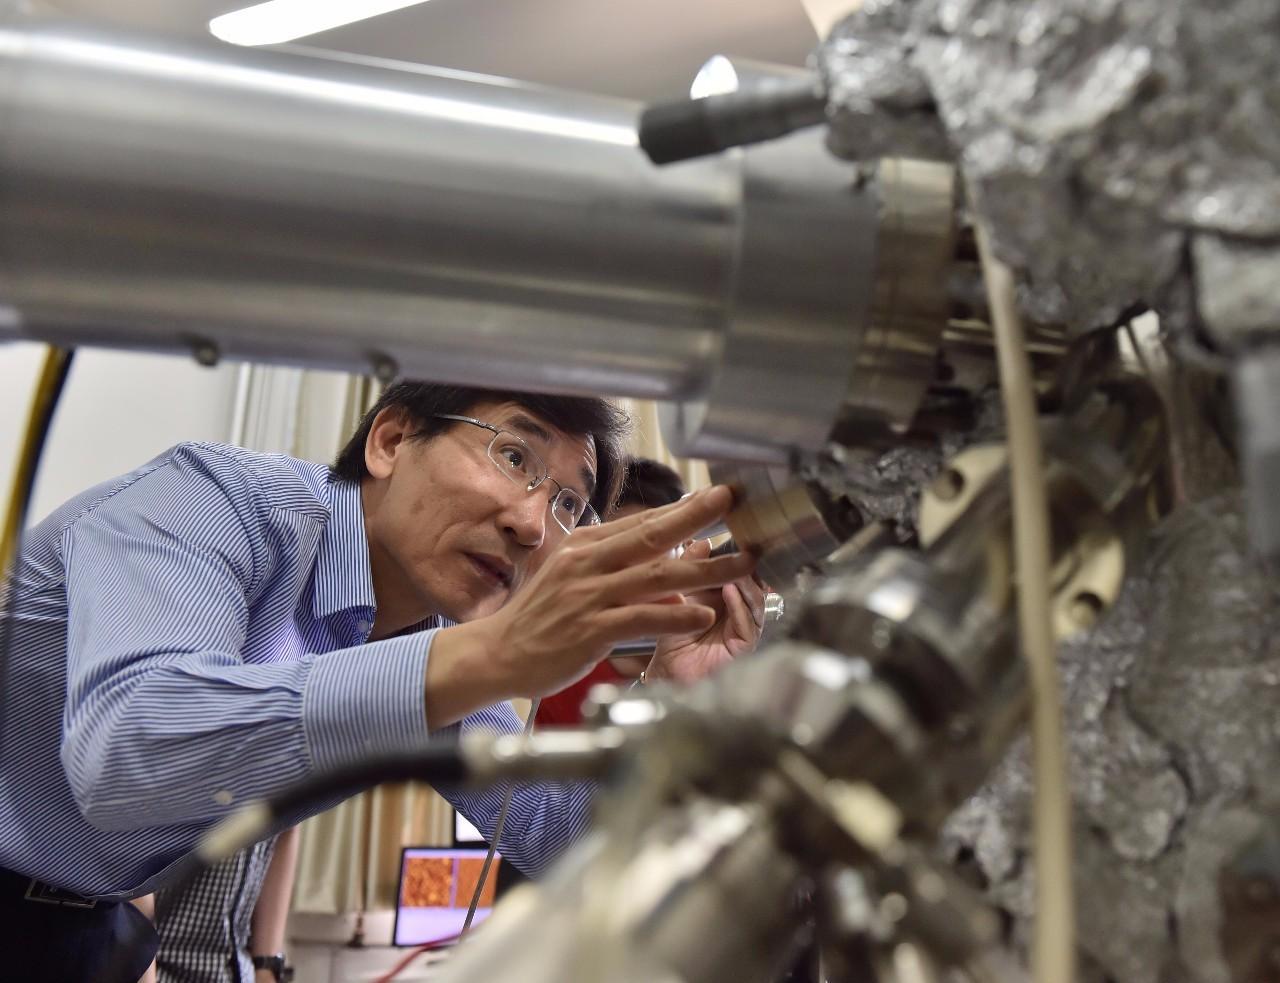 """GS Tiết Kỳ Khôn là một trong số khá nhiều nhà khoa học nổi tiếng của Trung Quốc được đào tạo (đến Tiến sĩ) hoàn toàn """"nội địa"""". Ảnh: INT"""